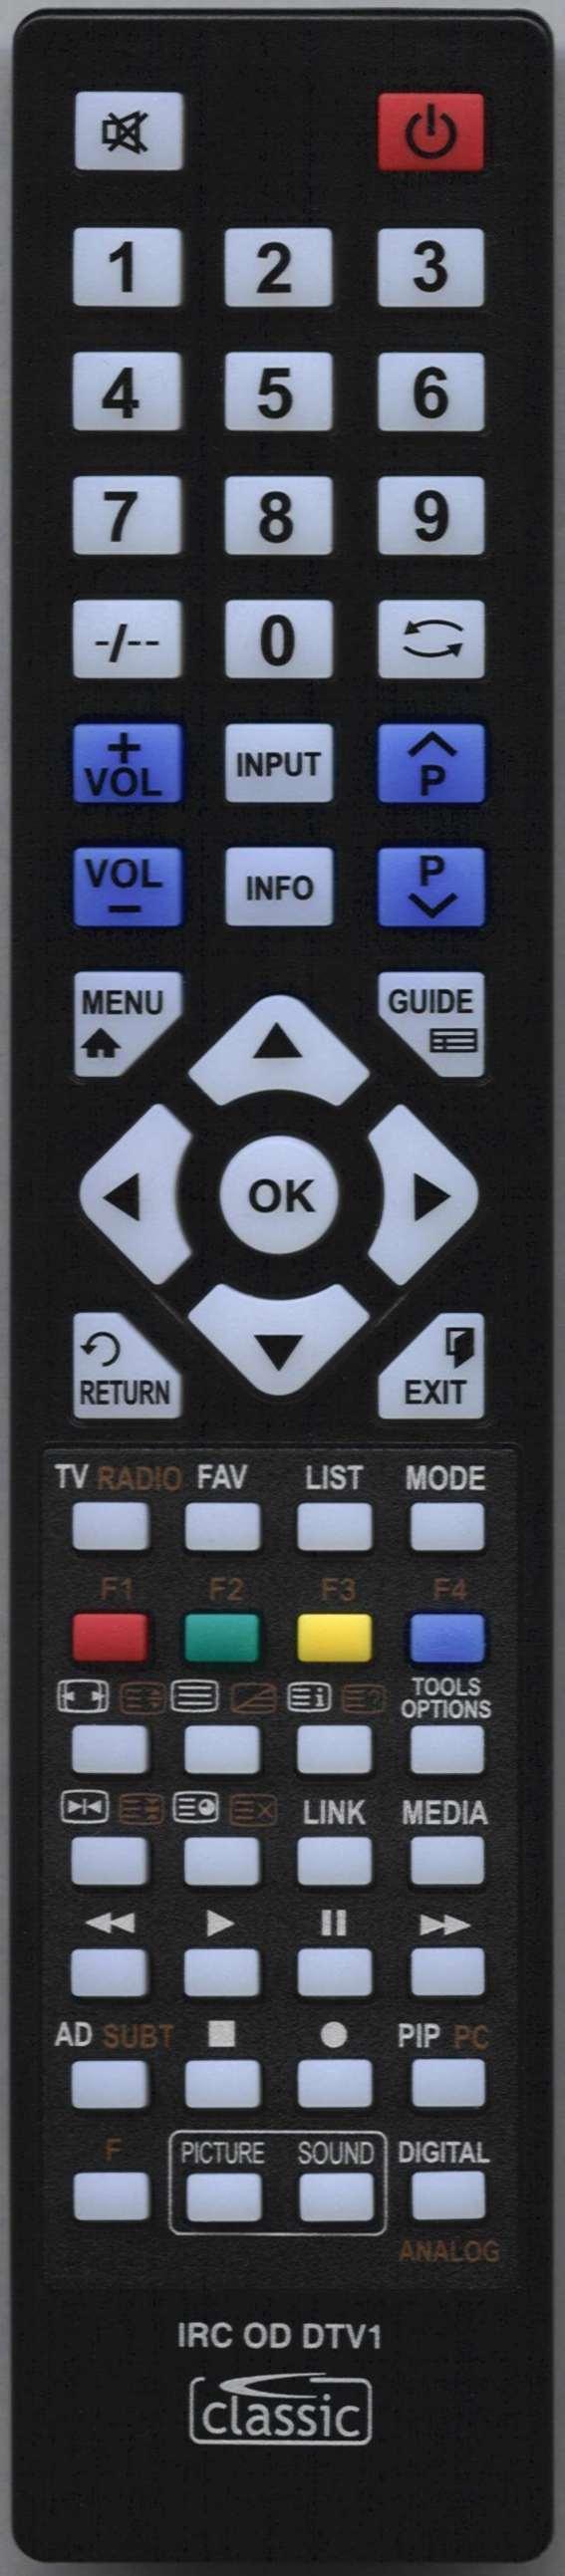 VELTECH LE-40GB01-C Remote Control